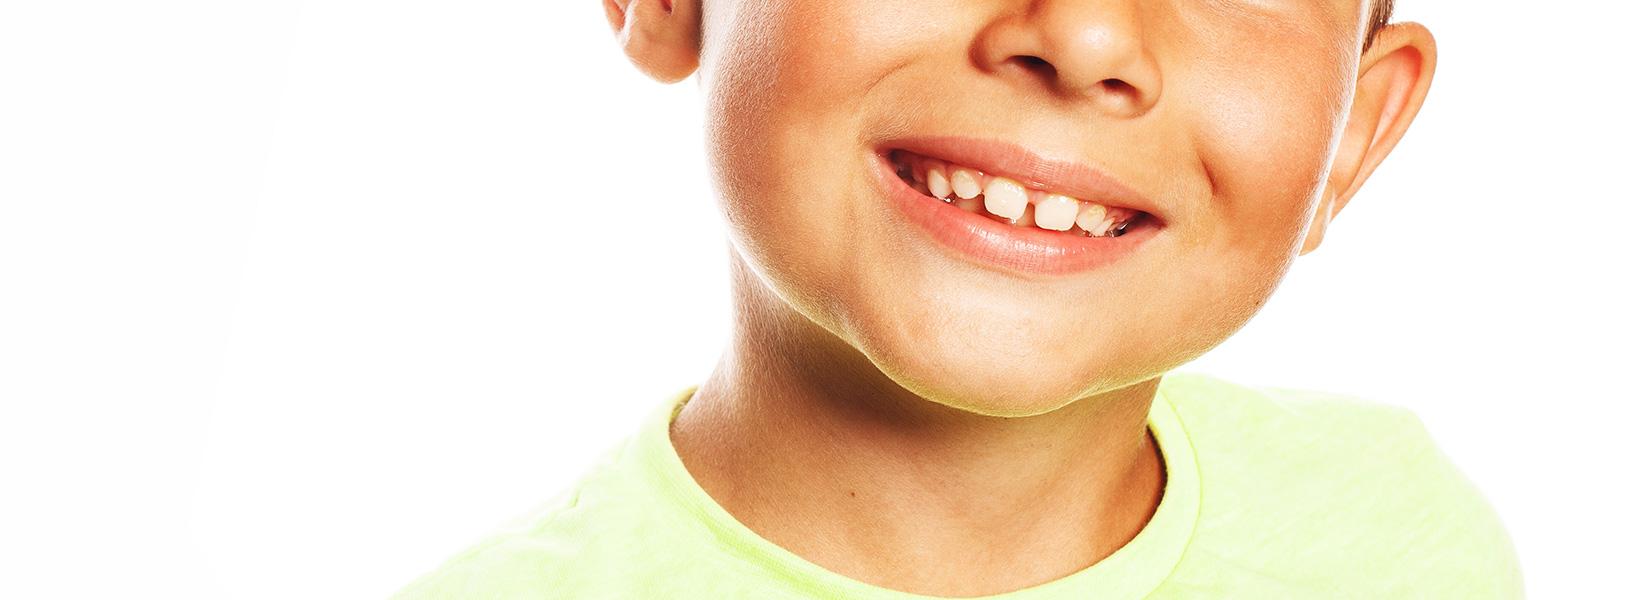 すきっ歯・空隙歯列なら部分矯正で矯正できる?